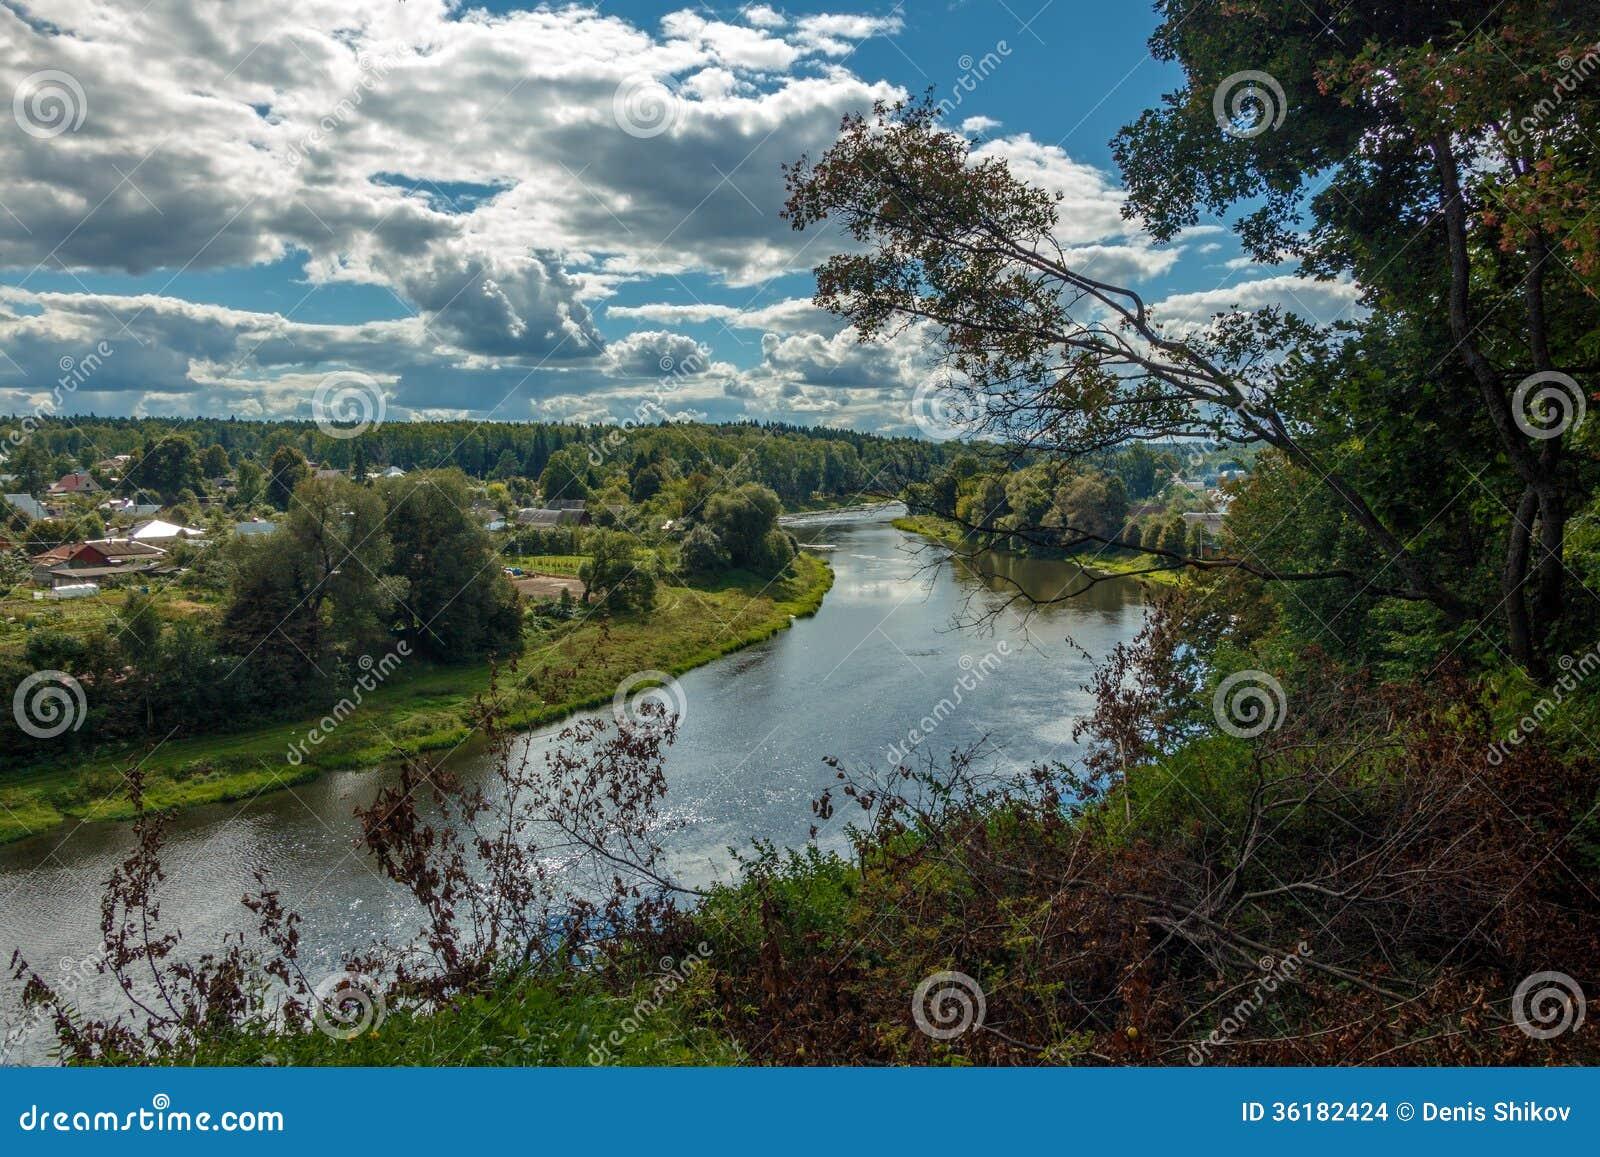 Landscape river village hill stock images image 36182424 for River hill